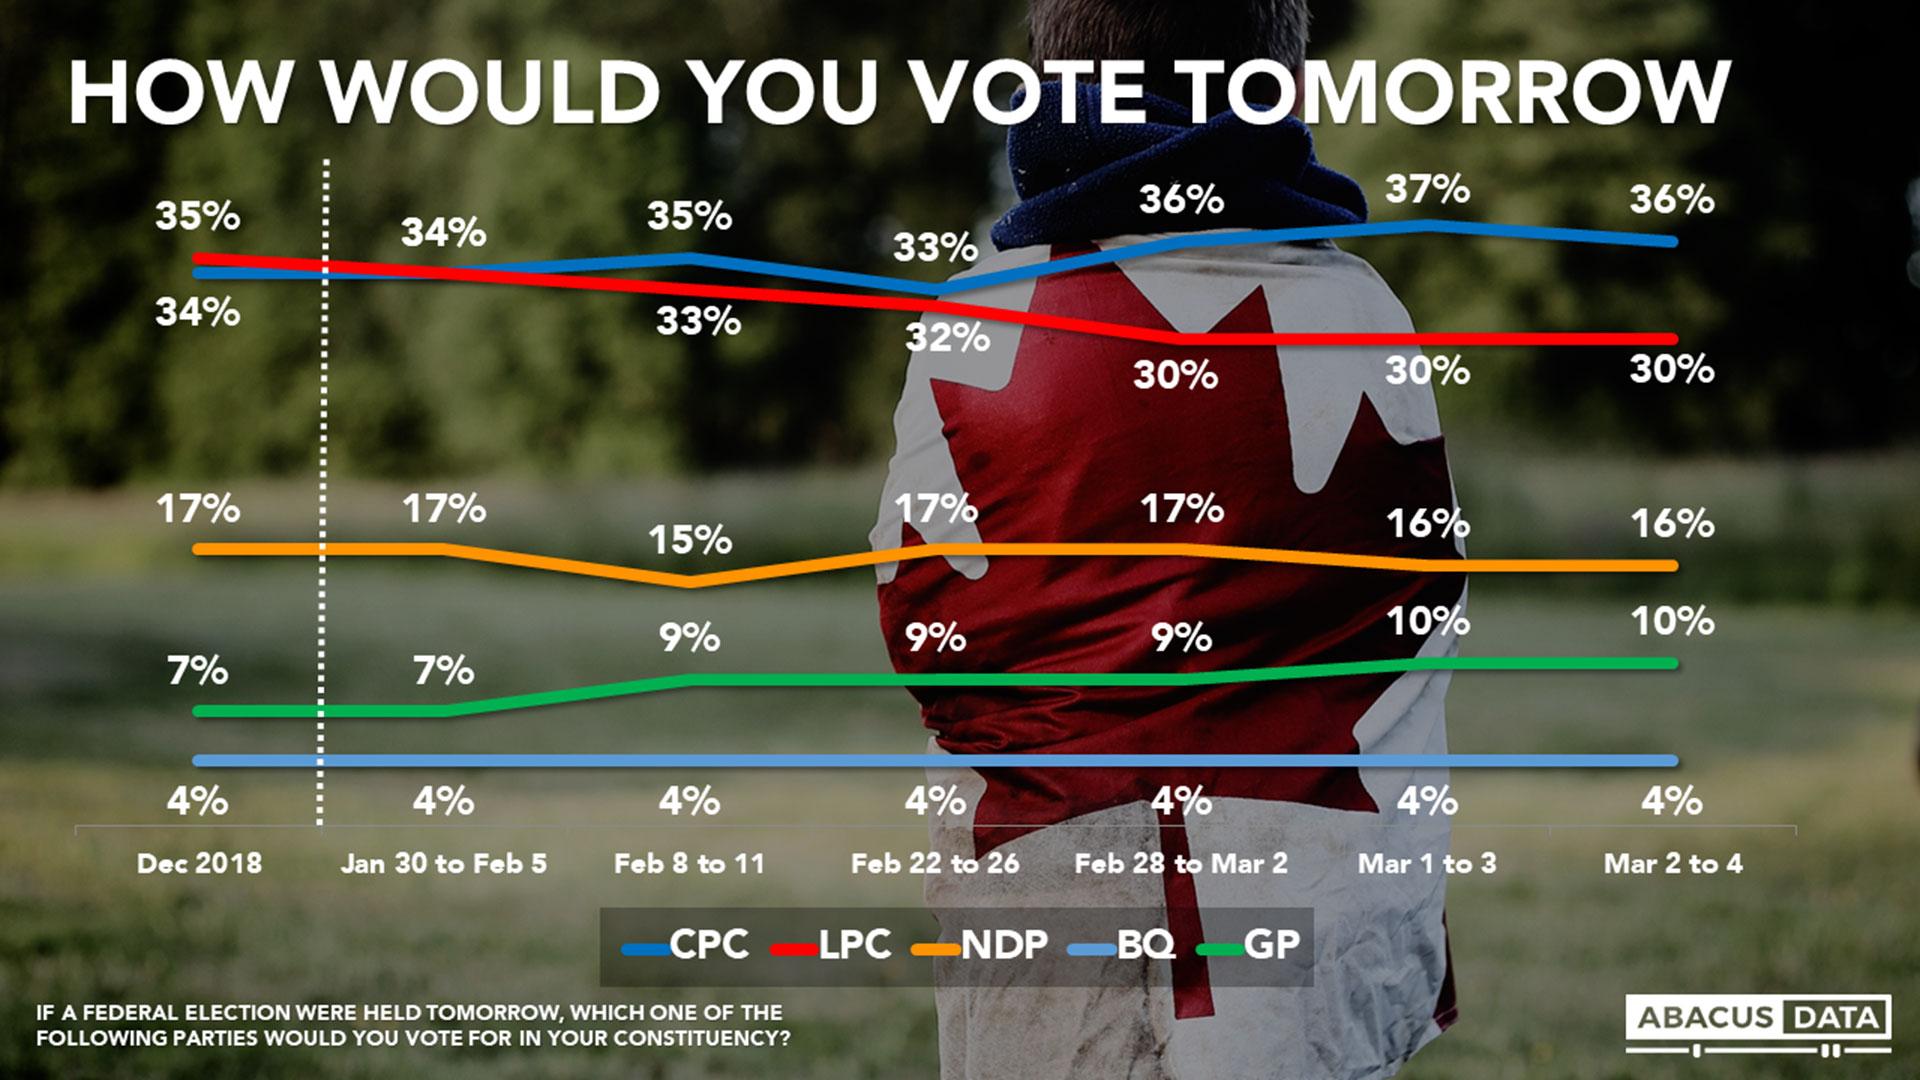 La evolución de la intención de voto para el Partido Libera (rojo) y para el Partido Conservador (azul) antes y después del escándalo